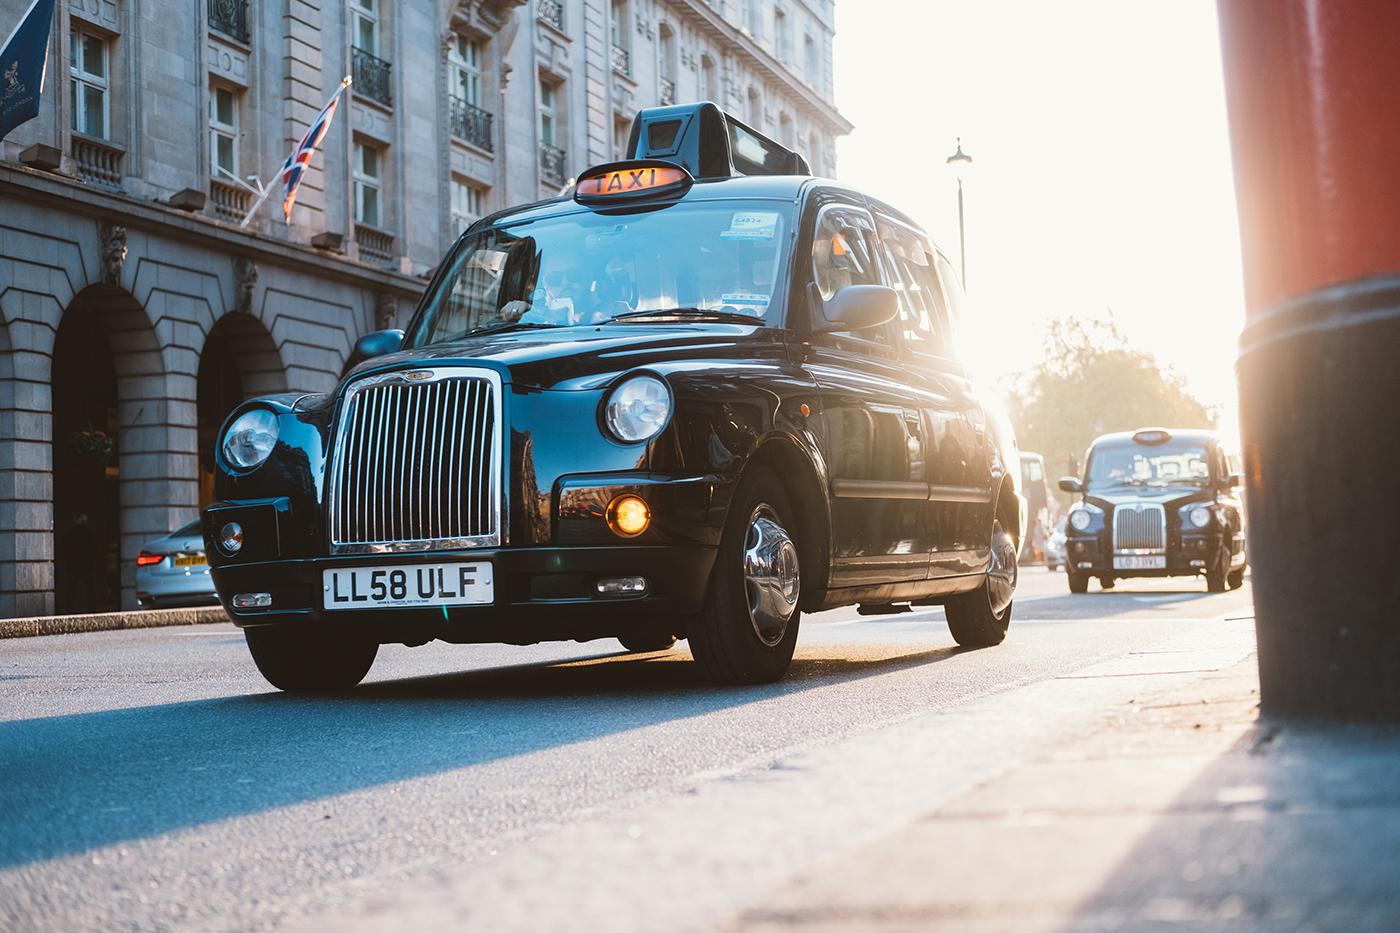 потолок гипсокартона картинка такси на английскому может быть какой-то